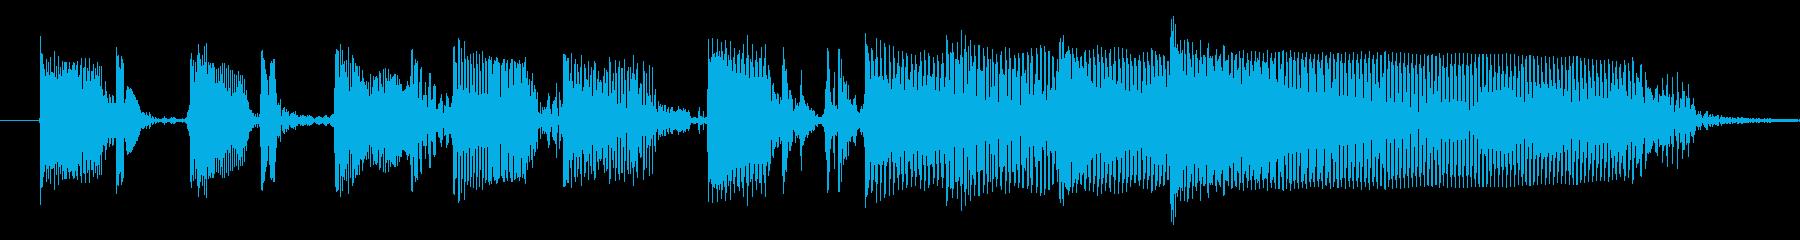 ベーススラップのみの勢いのあるジングルの再生済みの波形